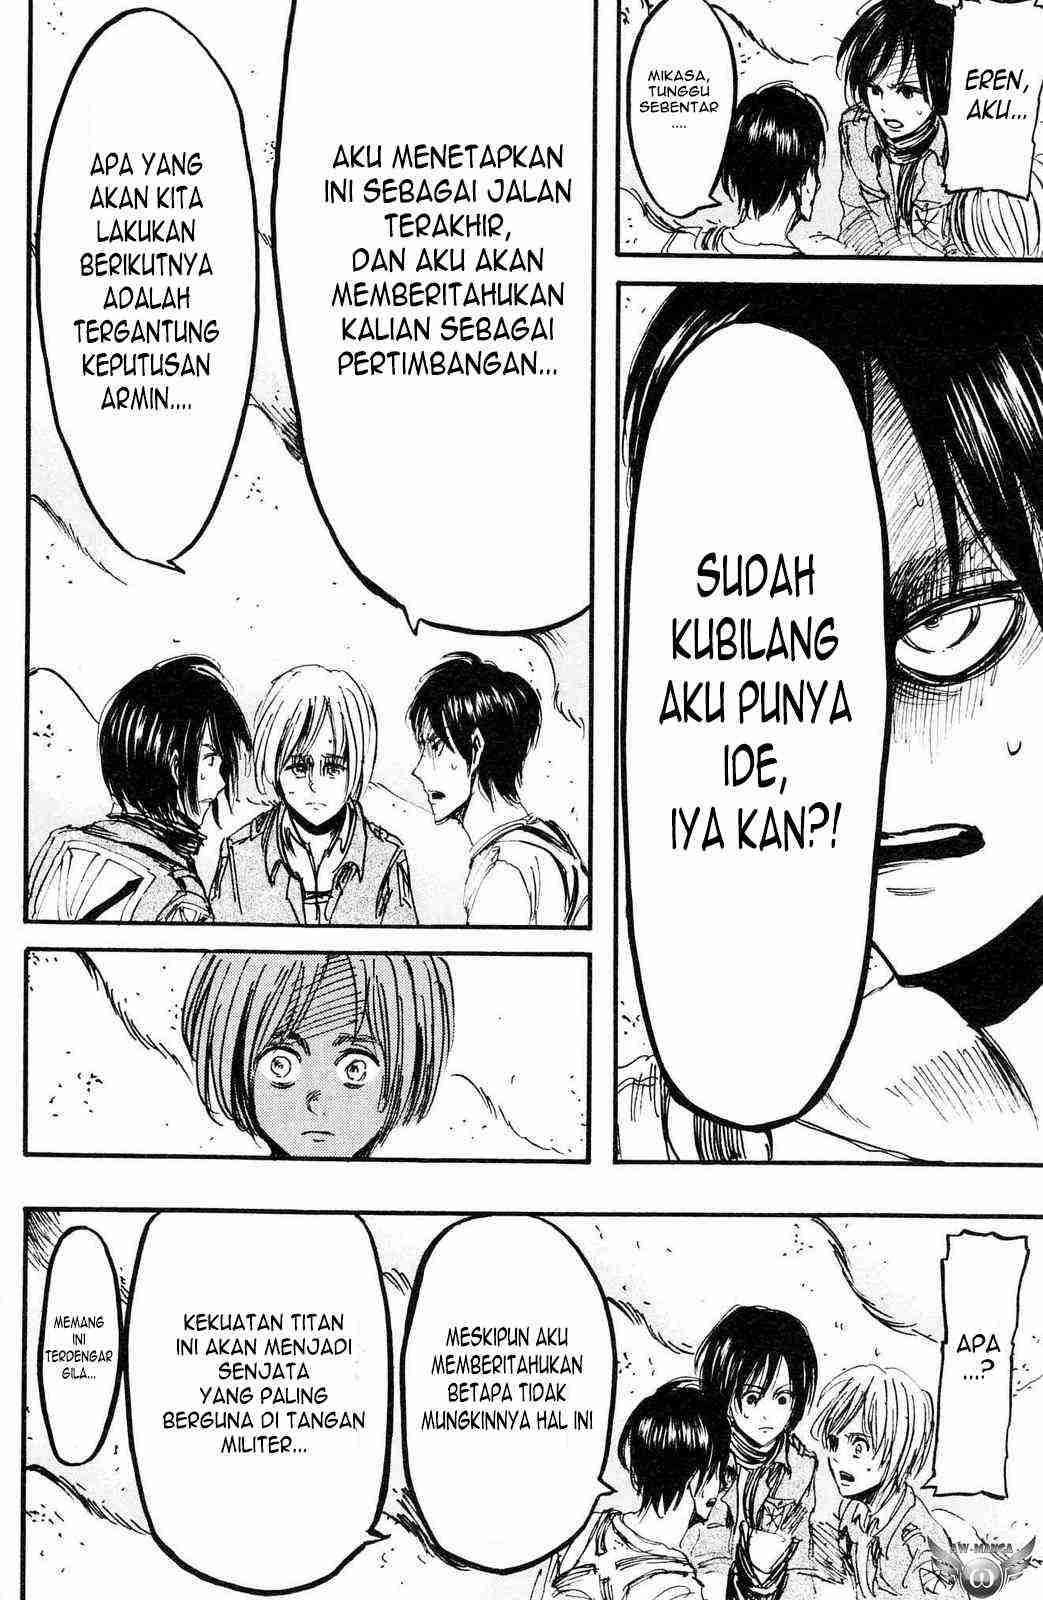 Komik shingeki no kyojin 011 12 Indonesia shingeki no kyojin 011 Terbaru 28 Baca Manga Komik Indonesia 